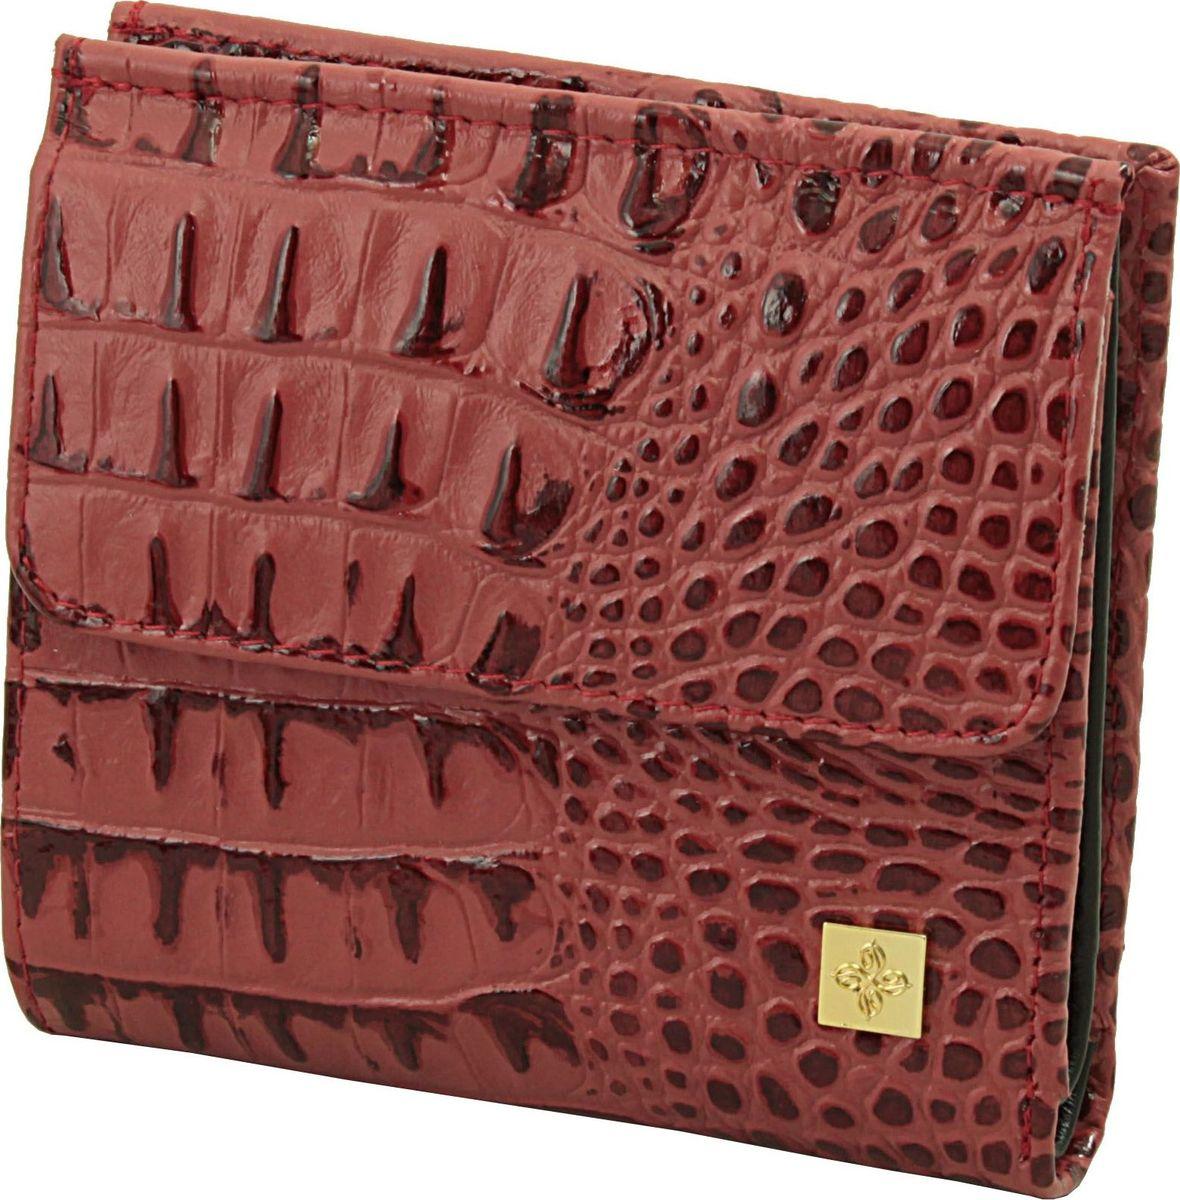 Кошелек женский Dimanche Loriсata Rouge, цвет: коричнево-красный. 544/8A16-11154_711Кошелек Dimanche выполнен из натуральной кожи и оформлен тиснением под рептилию. На лицевой стороне расположен объемный карман для мелочи, который закрывается клапаном с кнопкой. Внутри расположено два открытых кармана для купюр, карман для купюр на молнии, два кармана для кредиток, карман для sim-карты, карман с пластиковым окошком для документов и два вертикальных кармана. Изделие закрывается на кнопку.